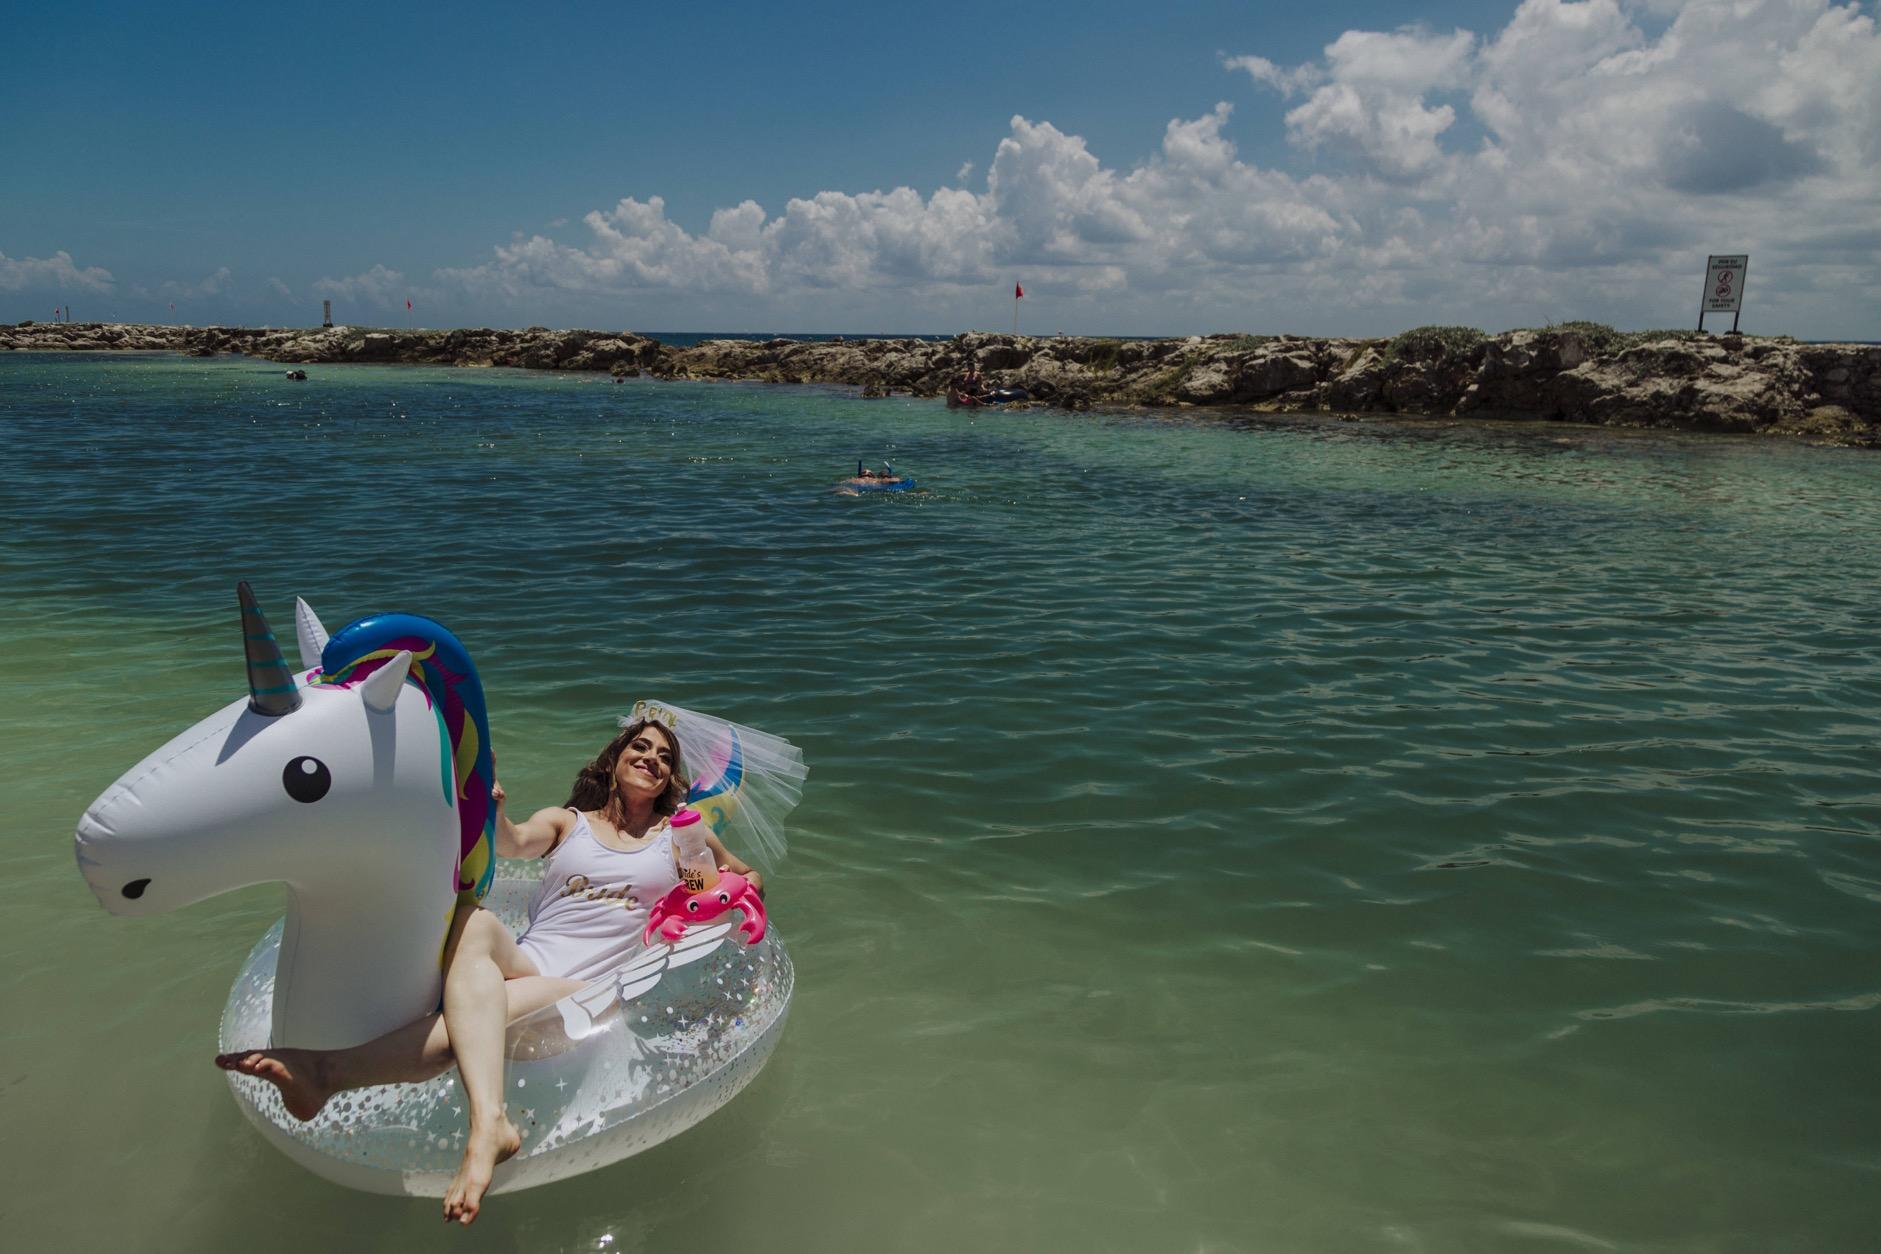 fotografo_bodas_profesional_zacatecas_riviera_maya_cancun-175